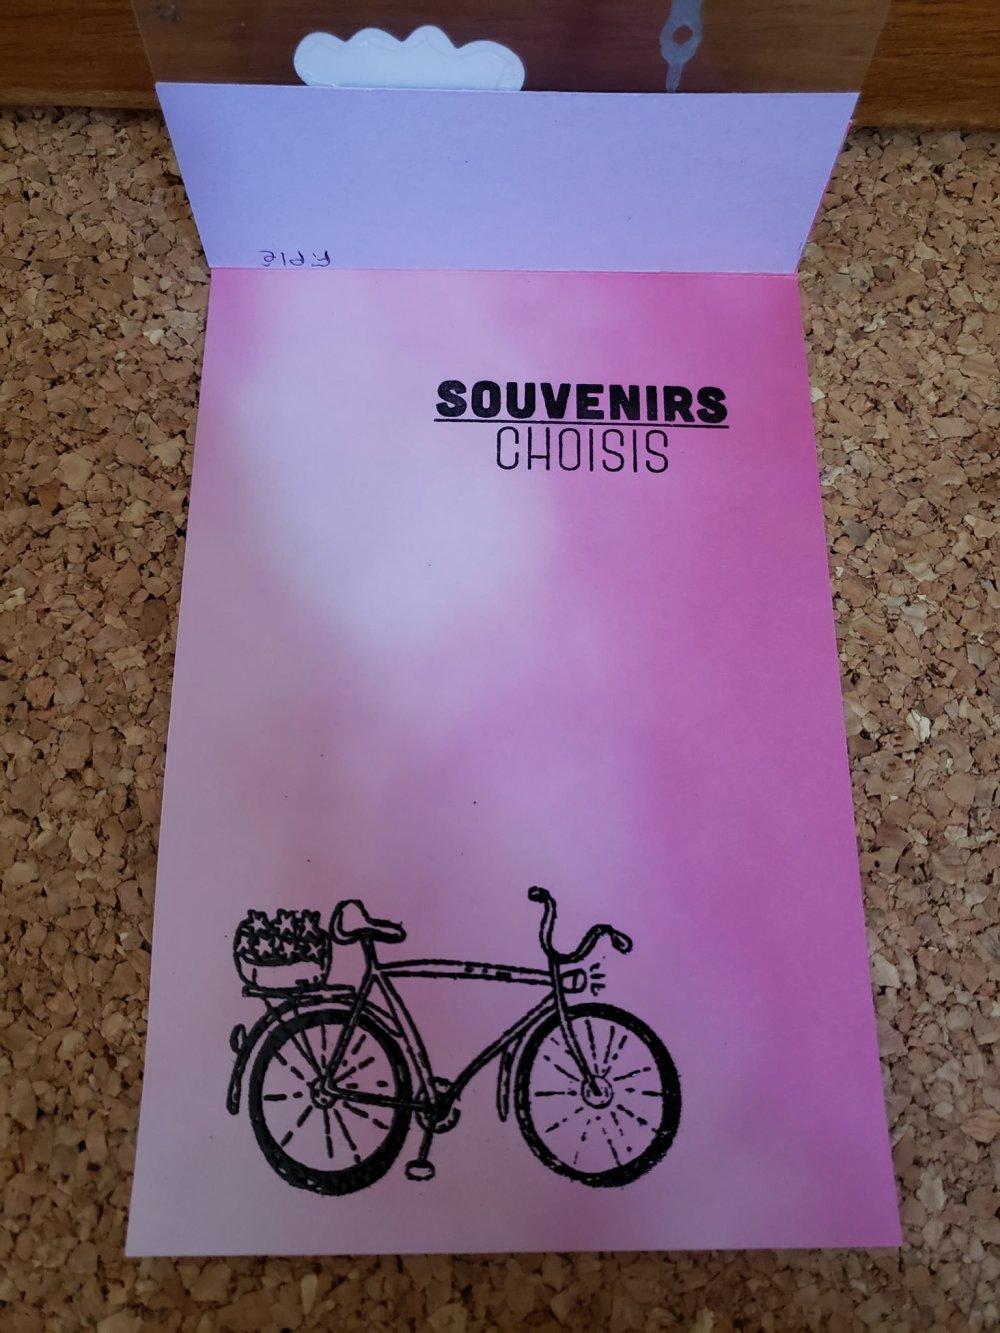 SOUVENIRS CHOISIS